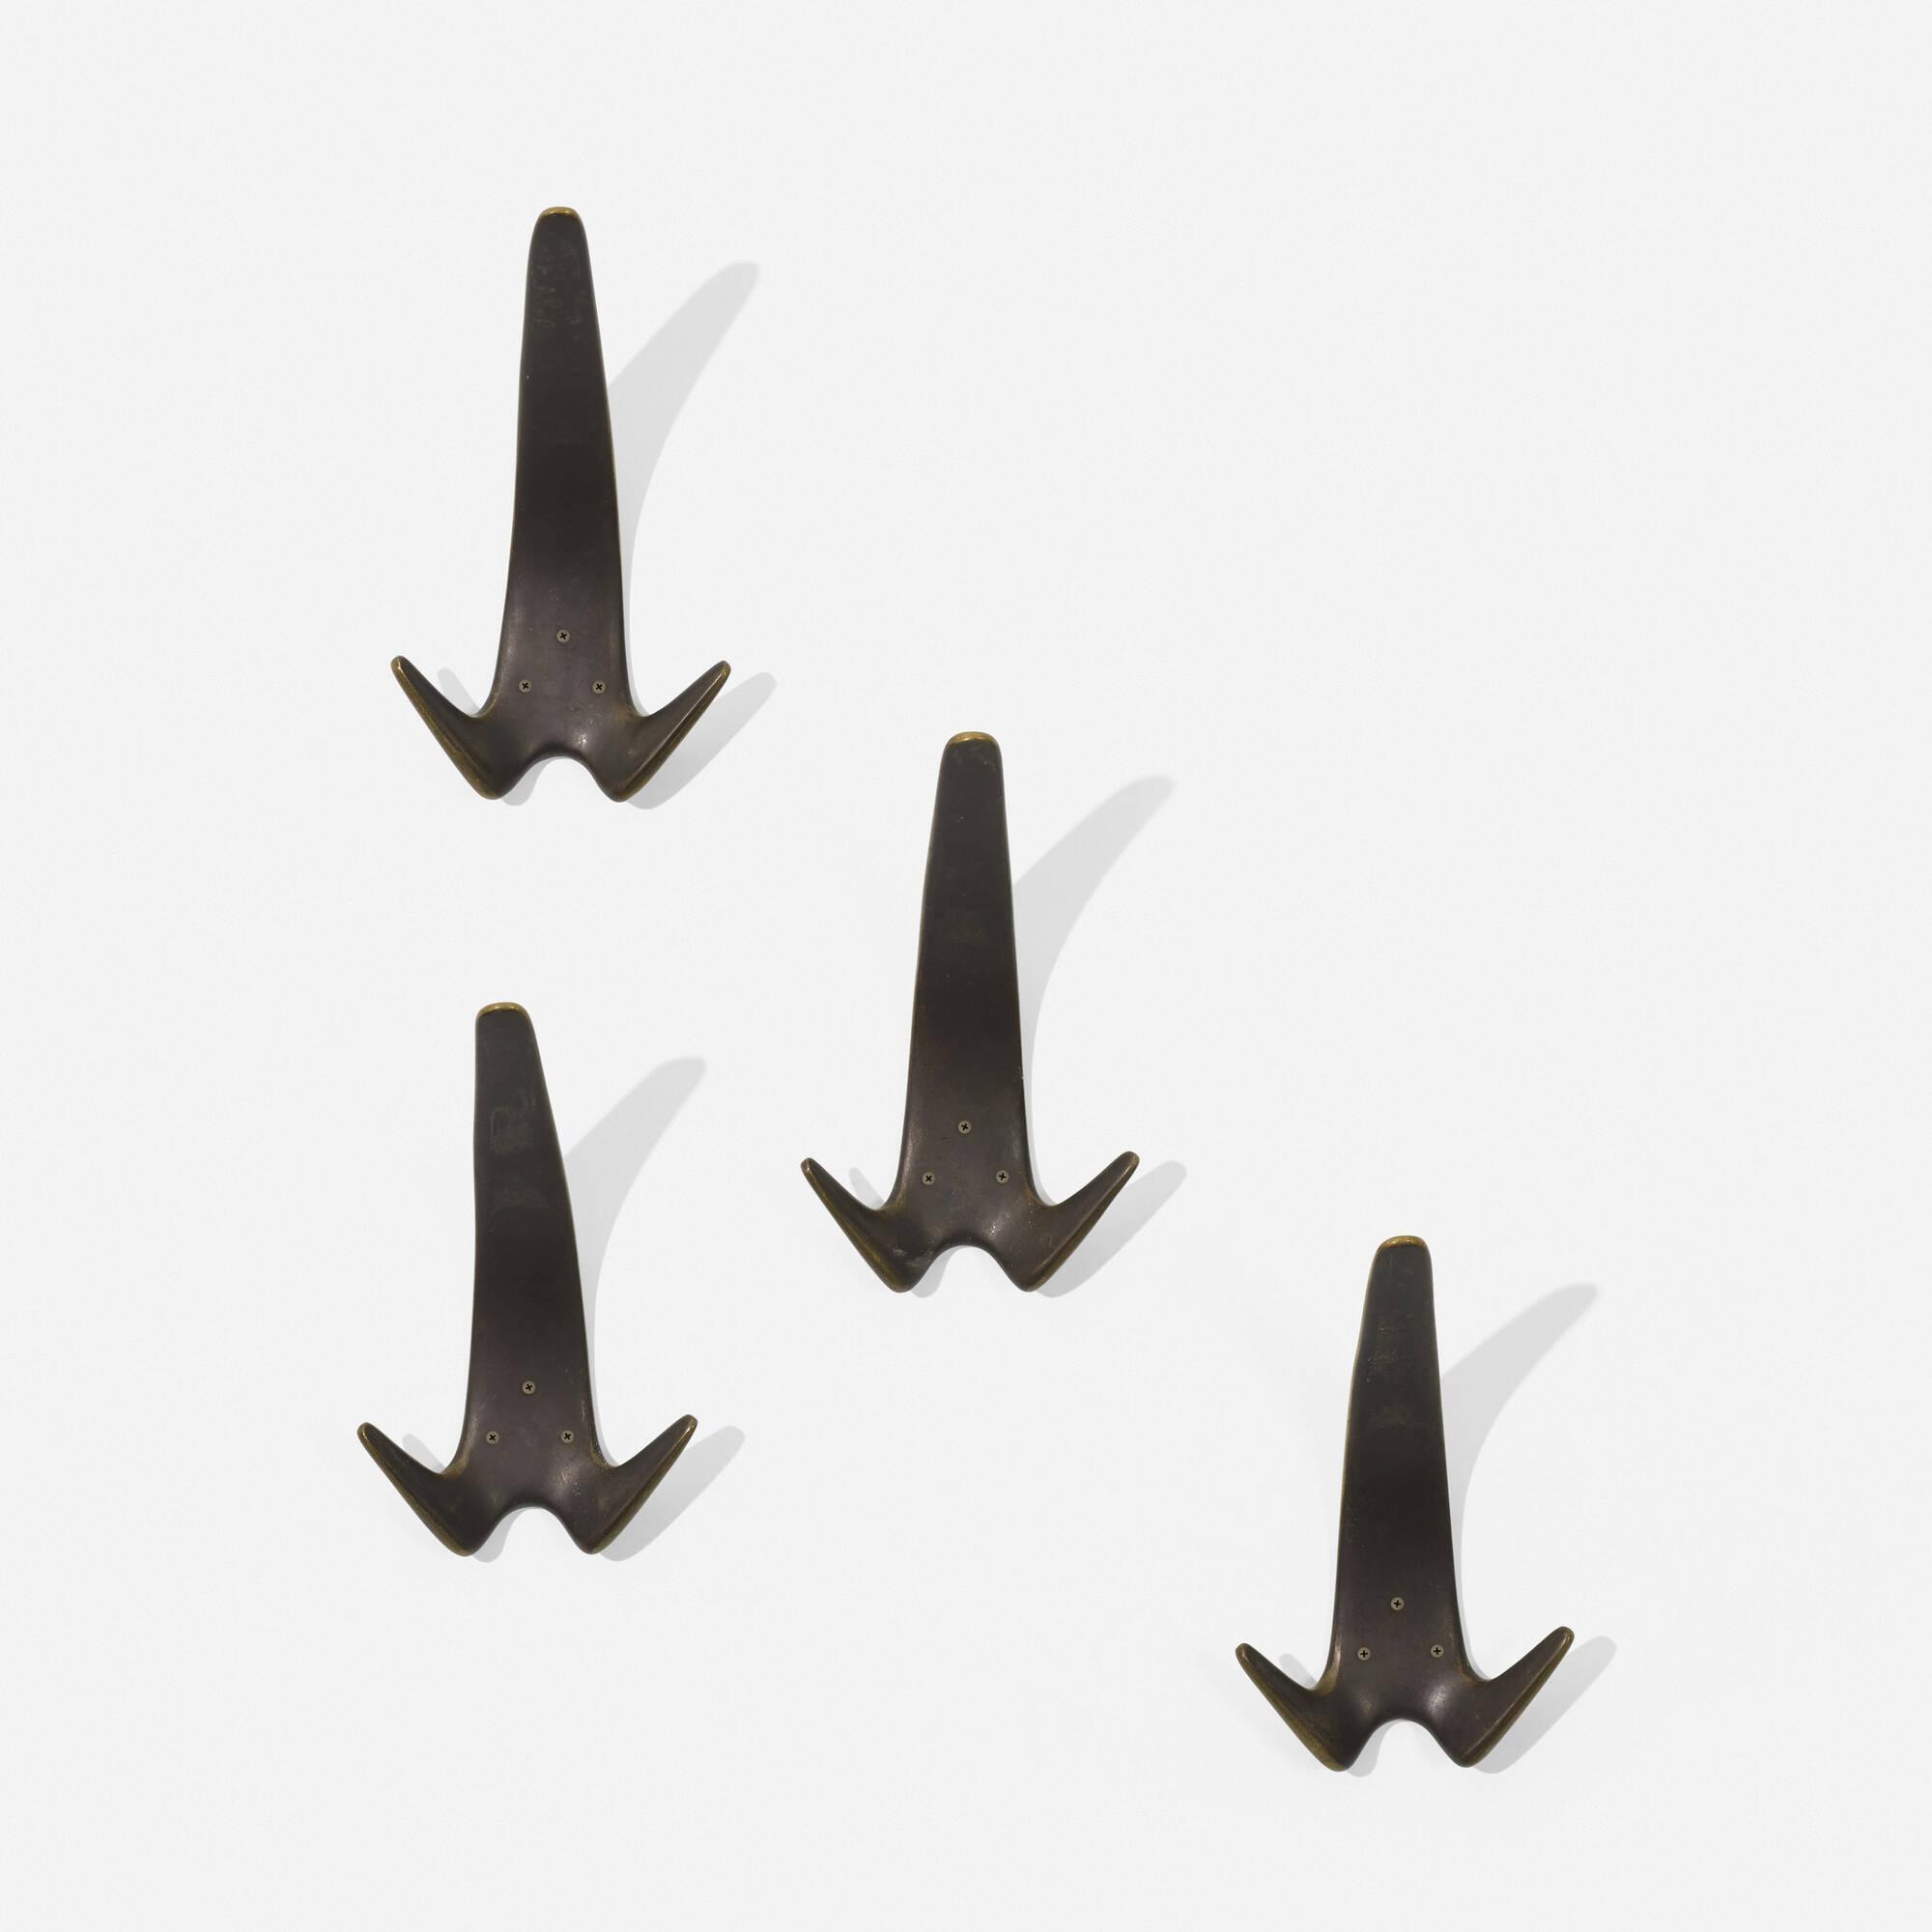 126: Carl Auböck II / wall hooks, set of four (2 of 2)